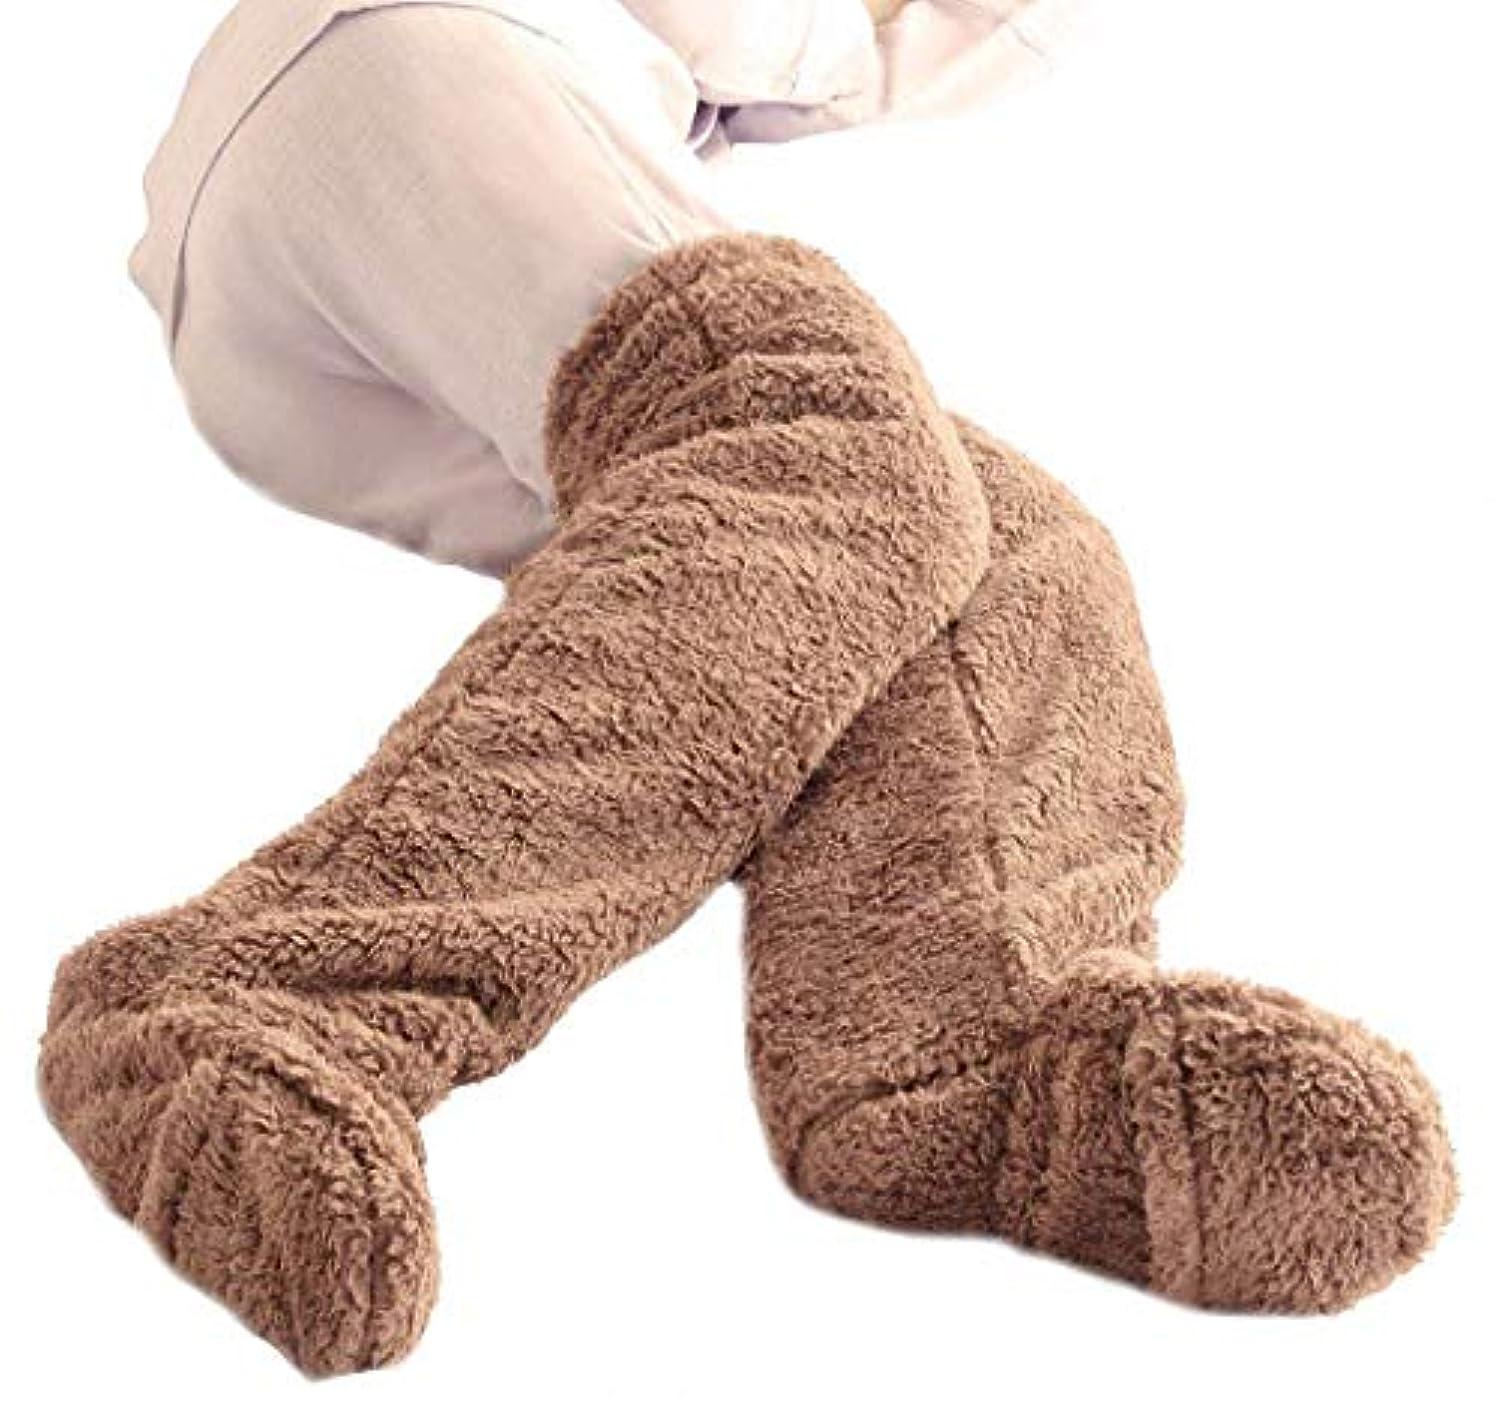 超える意識離すフリース生地 室内履き 足が出せるロングカバー 軽量ヒートソックス 歩ける ロングカバー 極暖 ルームソックスルームシューズ